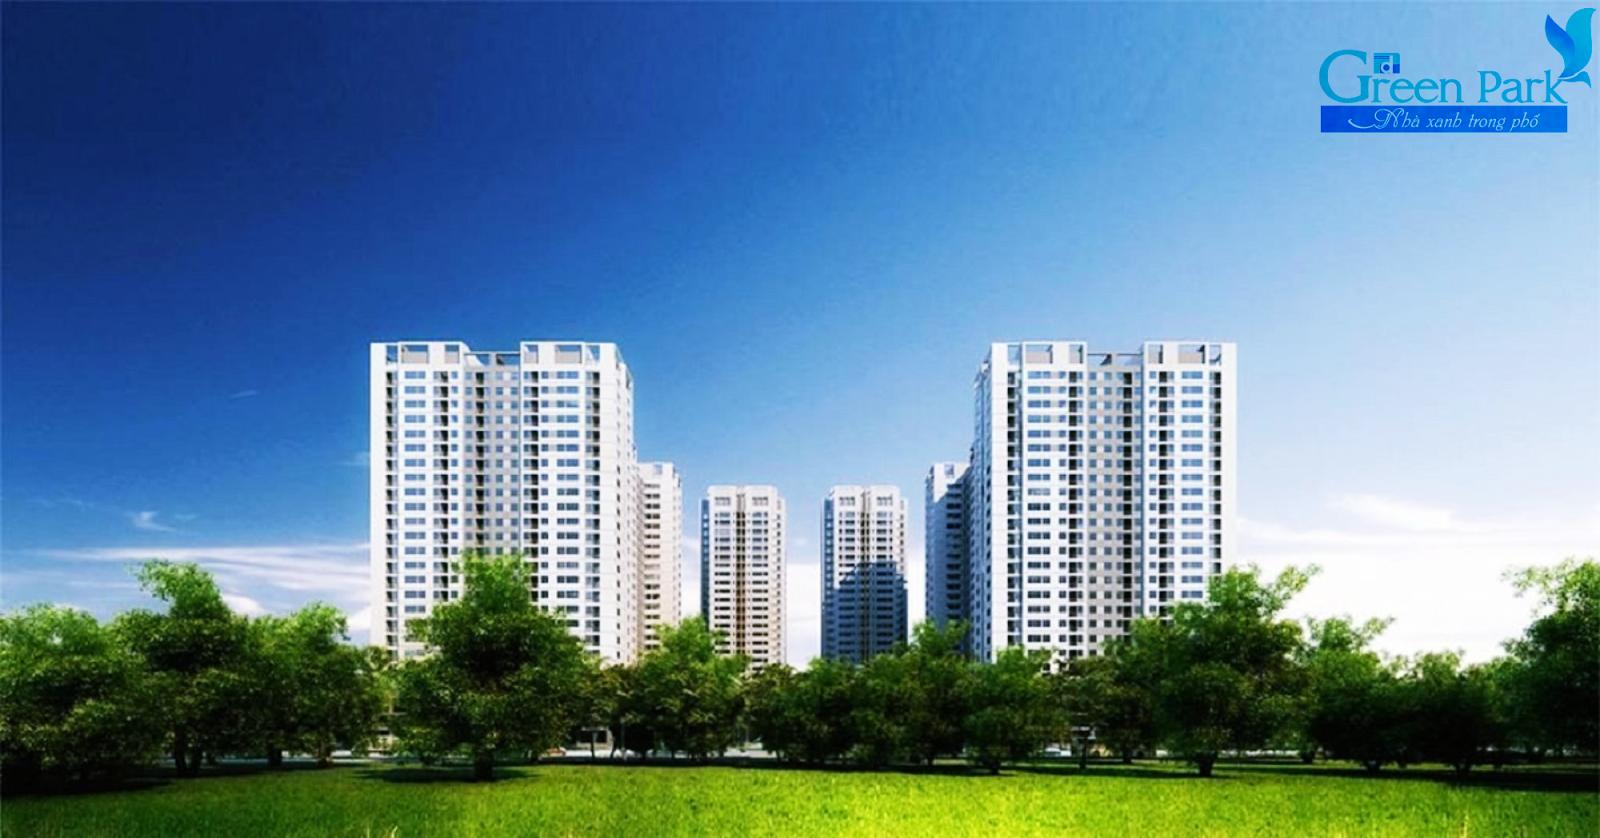 Đăng ký đặt mua căn hộ chung cư PD Green Park